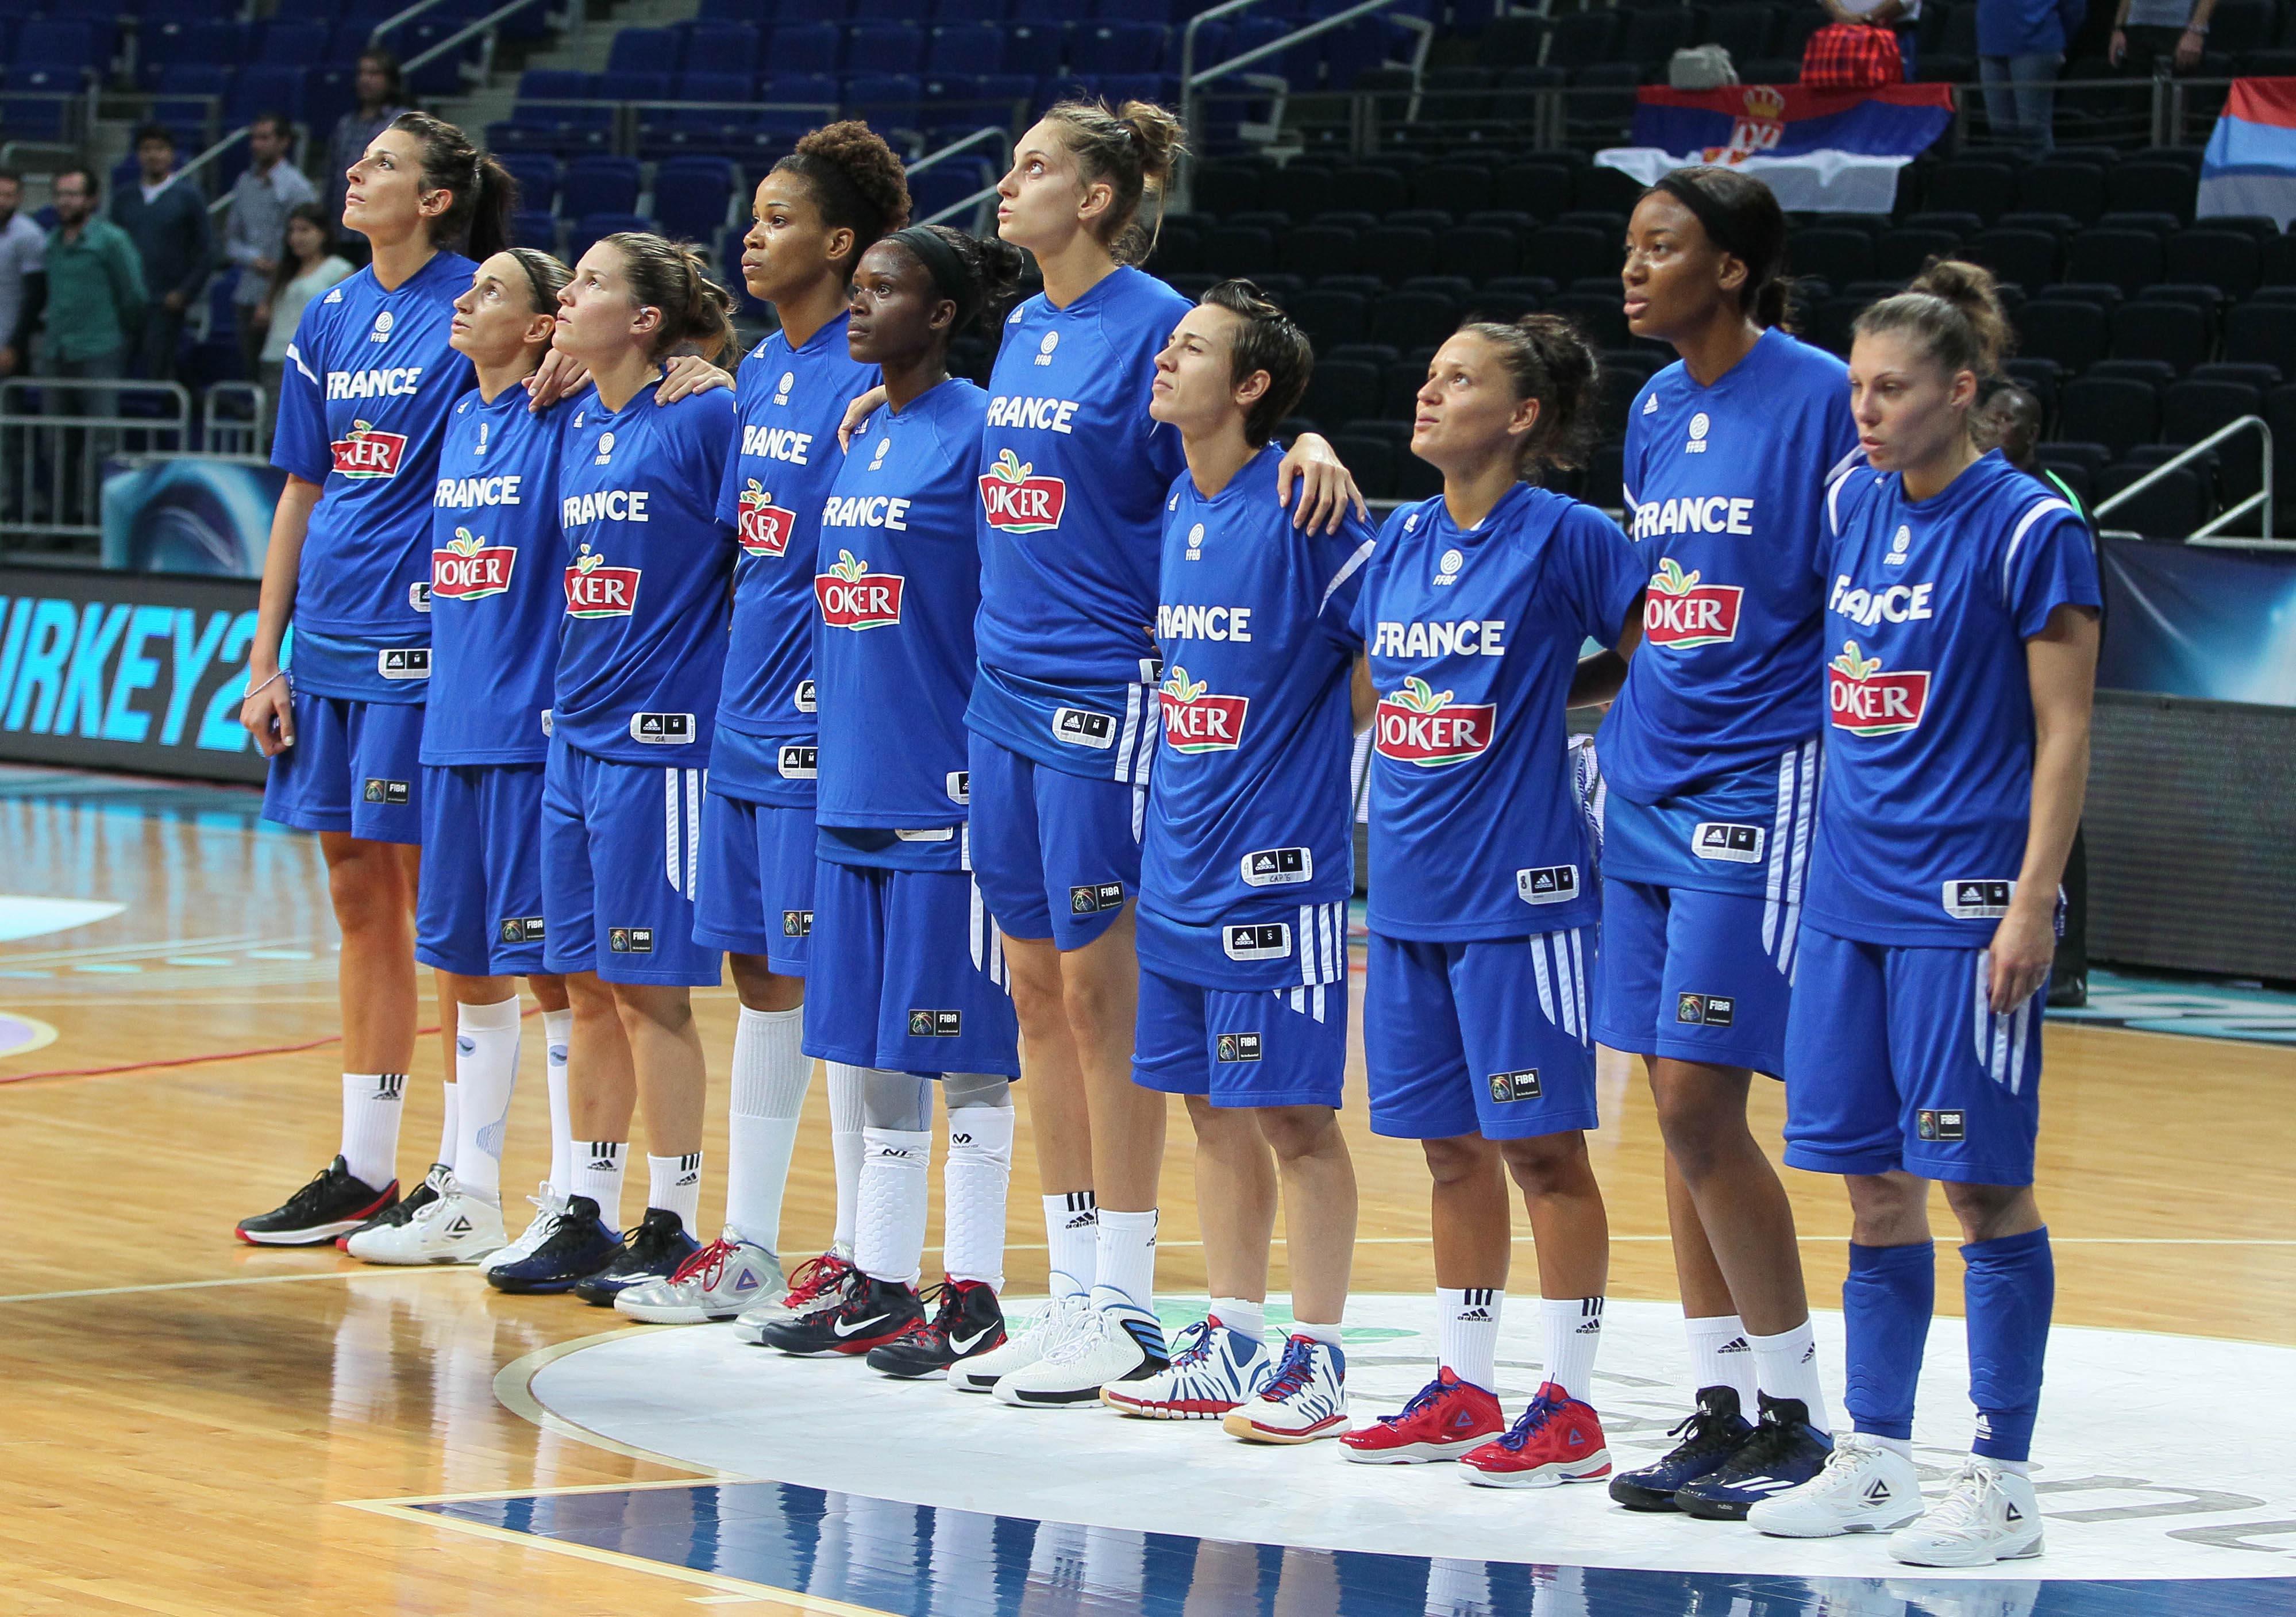 Basket - Equipe de France - Mention passable pour les Bleues